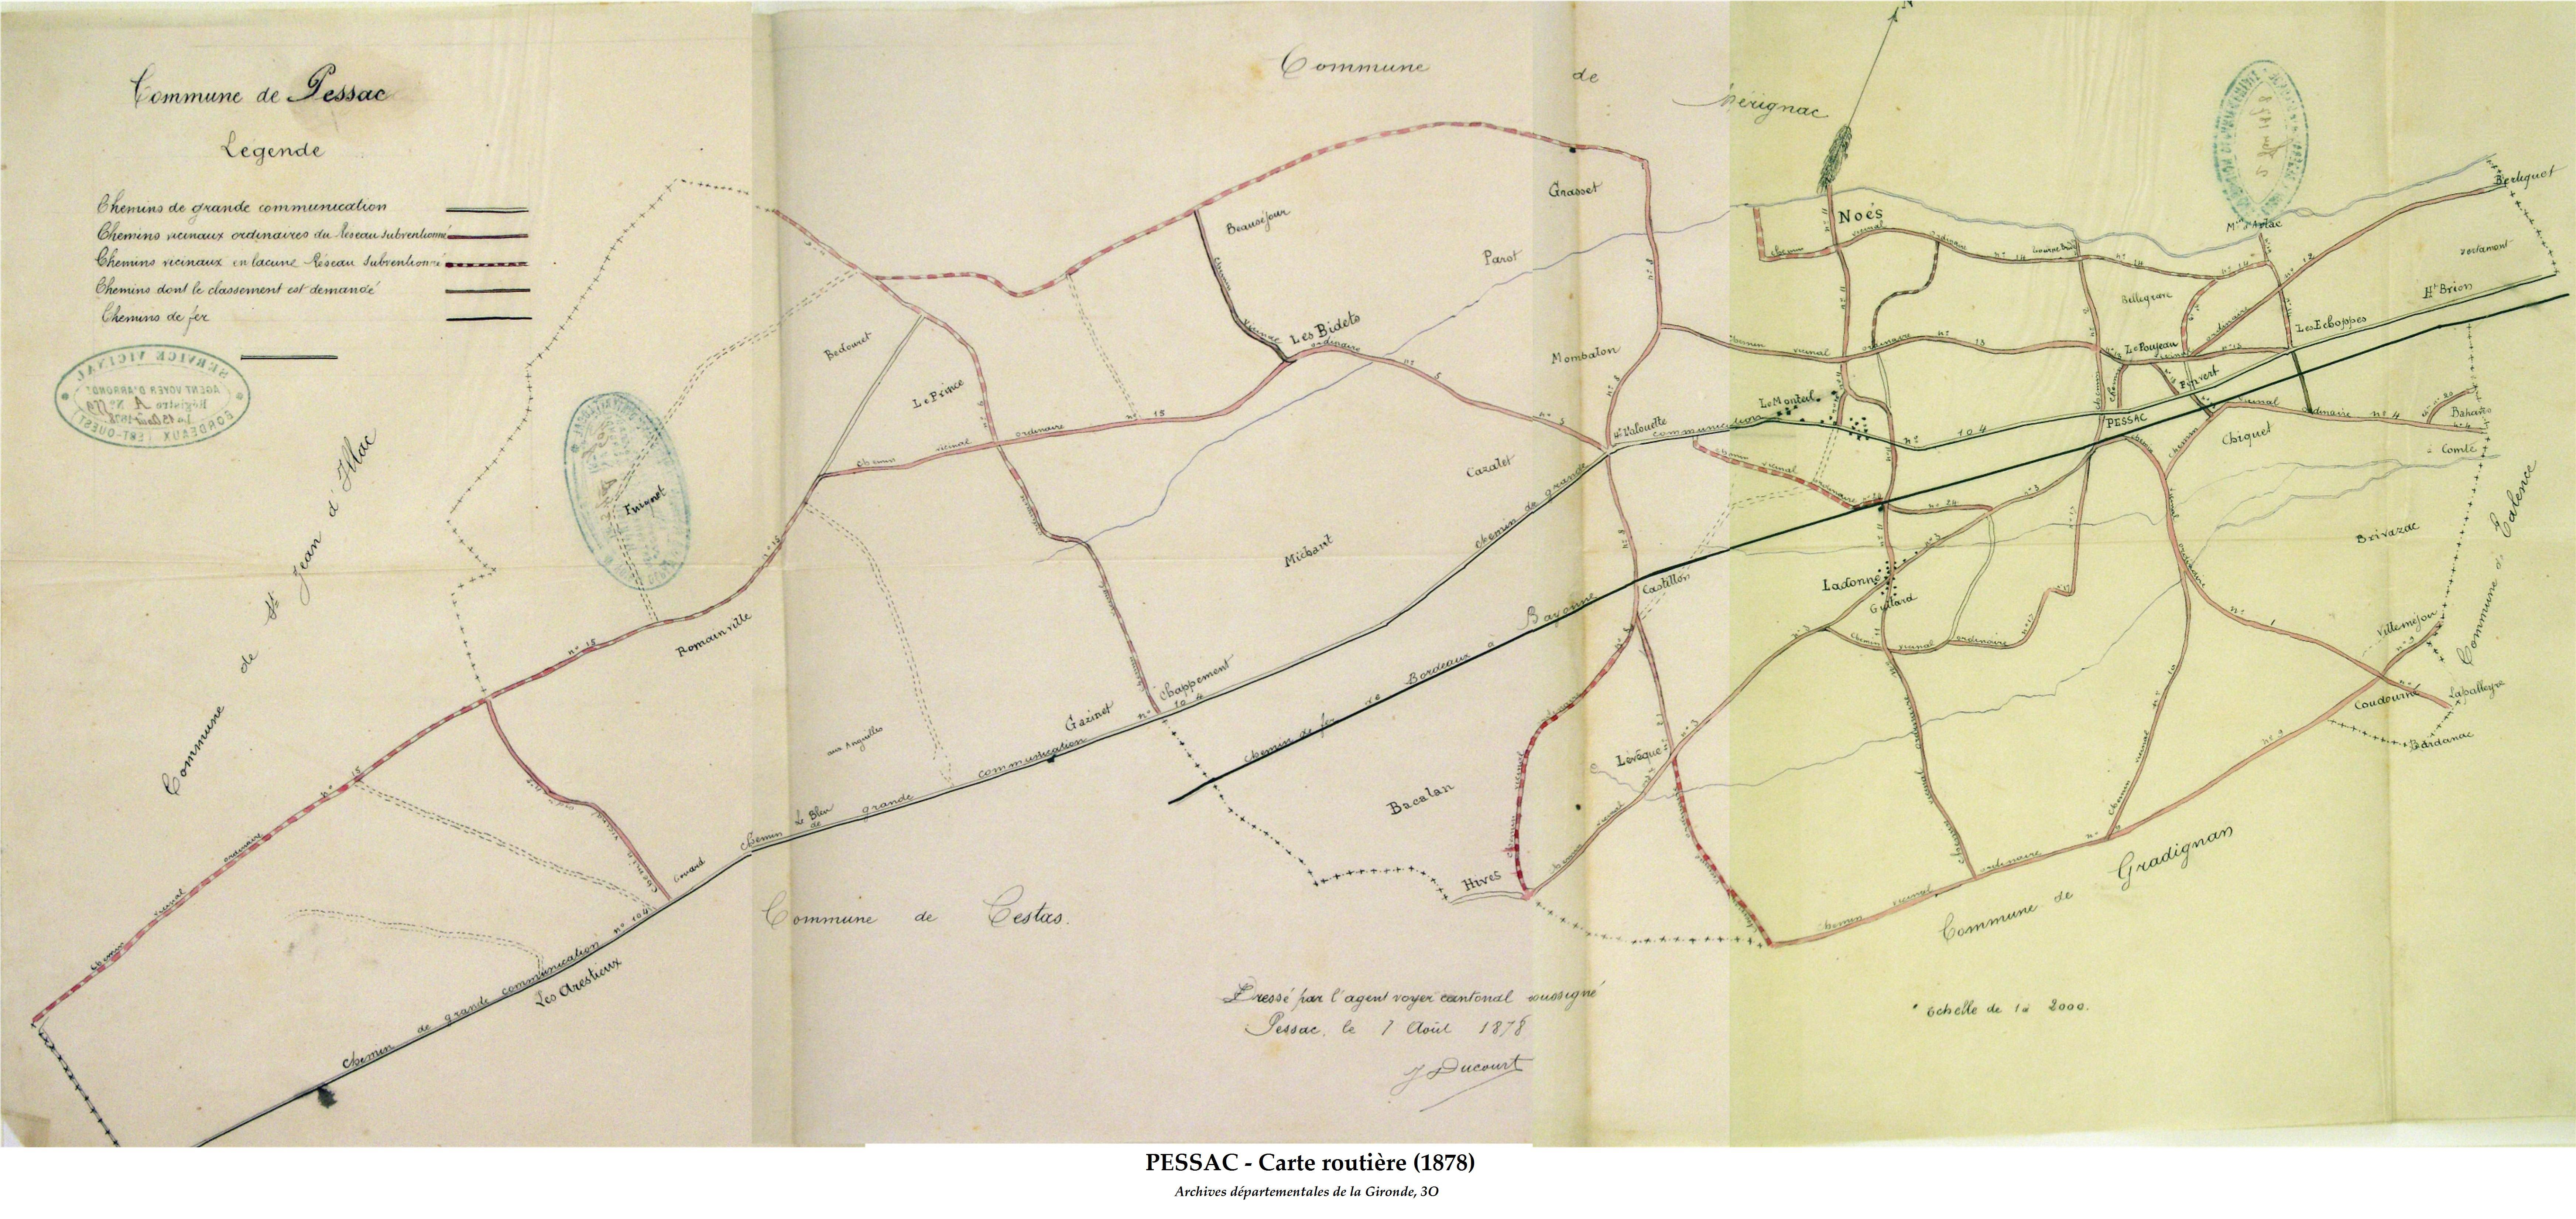 Carte routière de 1878